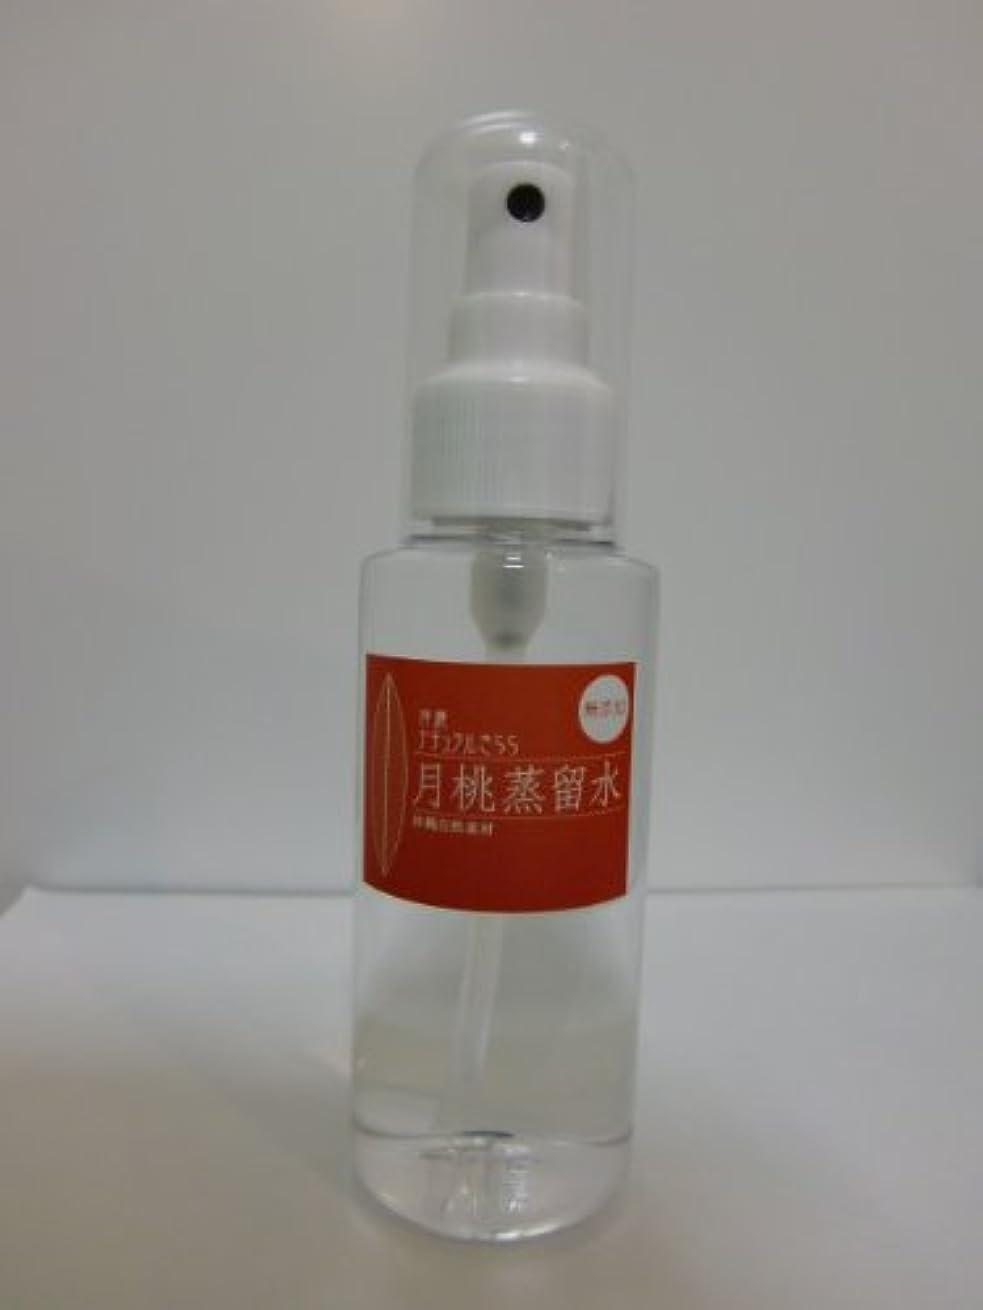 刈り取る化粧公式★お買い得11個セット!新?月桃蒸留水(1?)